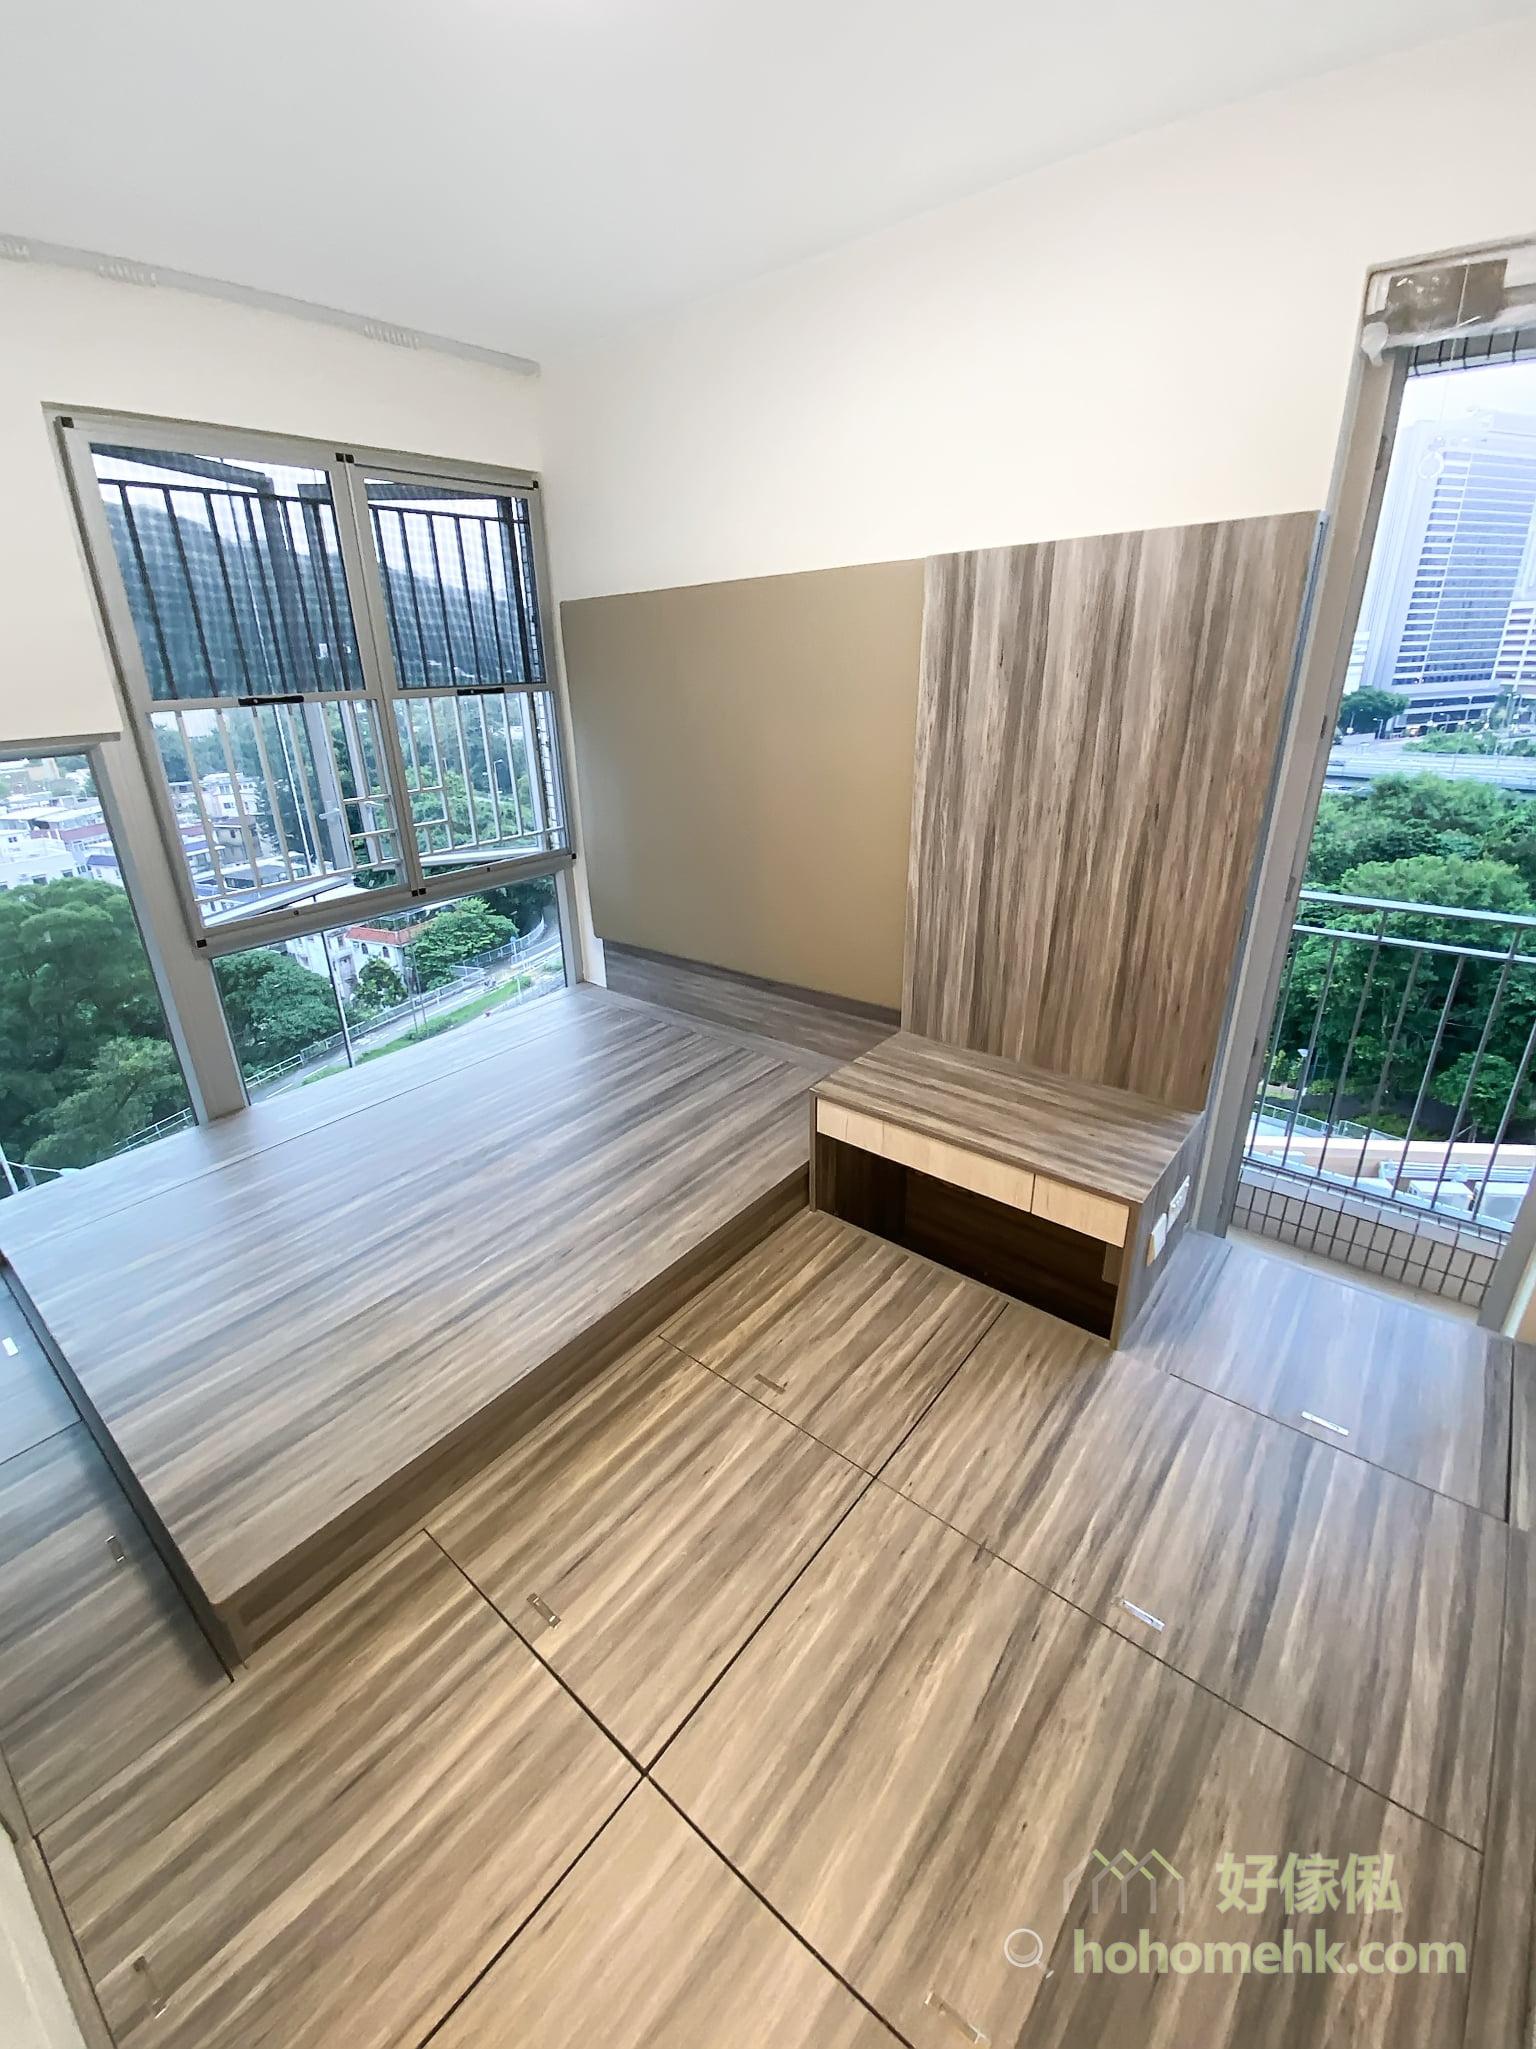 主人房地台床連衣櫃, 梳妝枱, 以地台儲物為主, 善用樓底高度